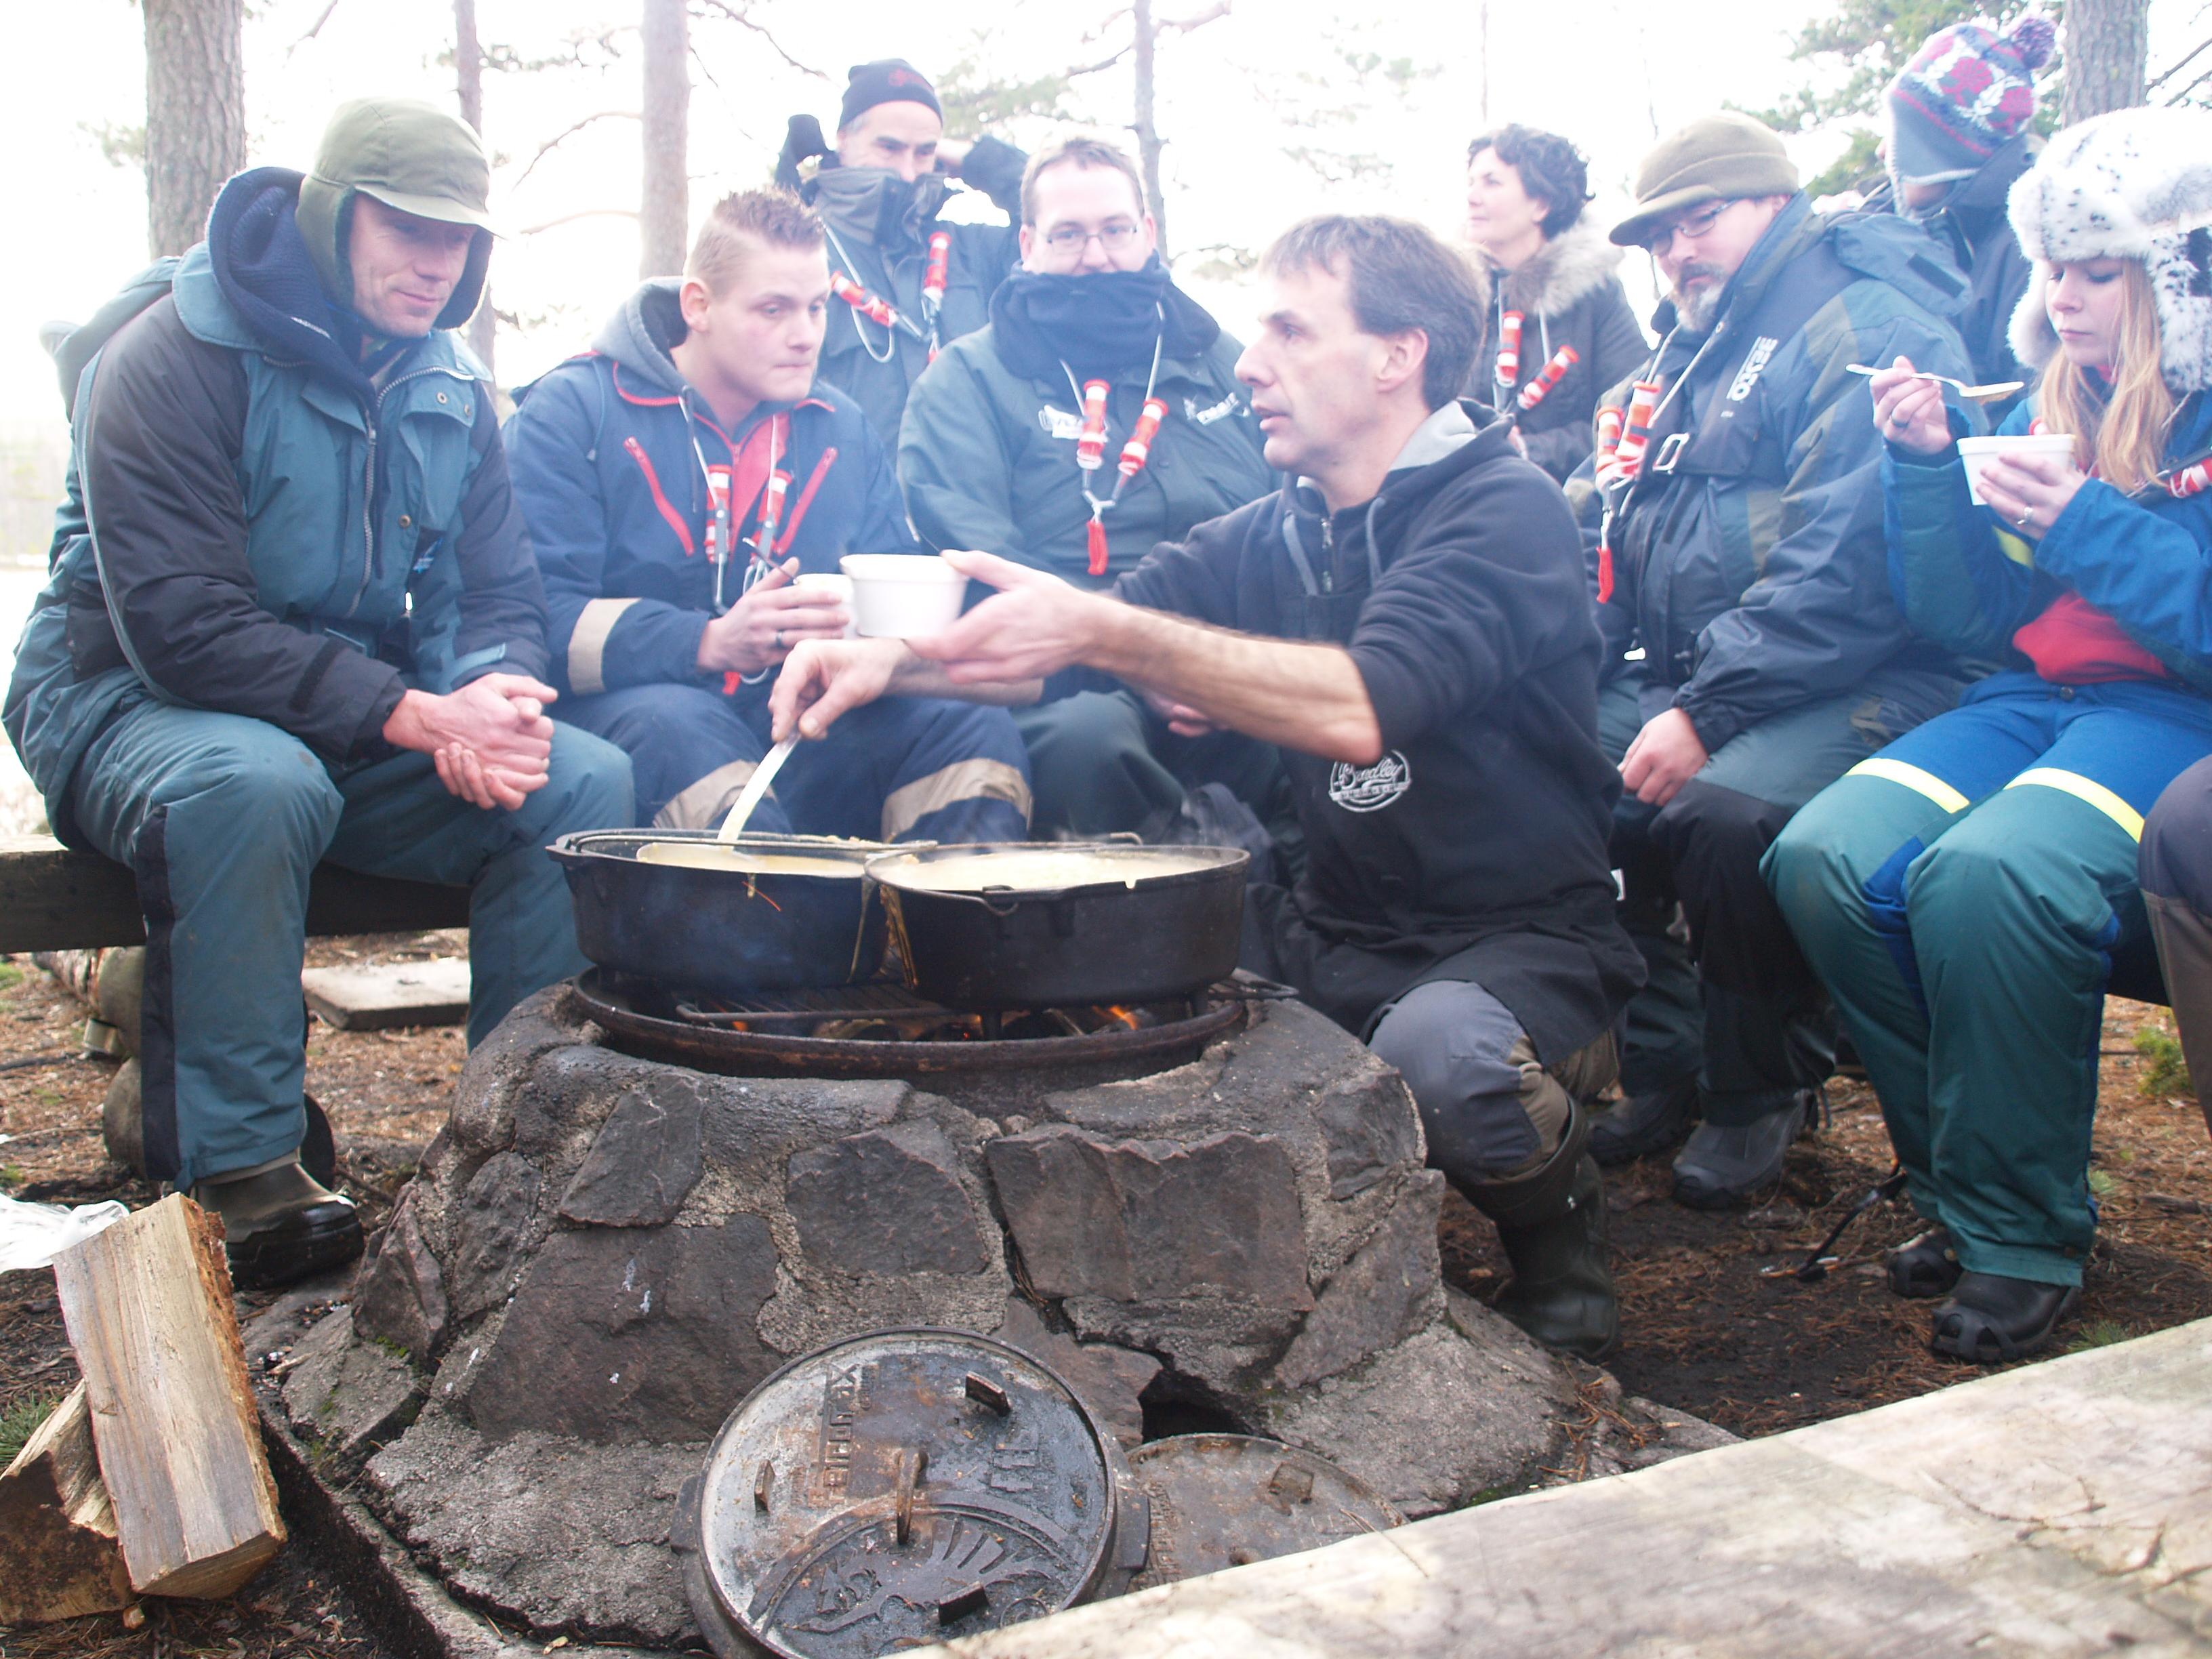 Johan Postma serviert am Lagerfeuer leckeres Essen, damit den Eisanglern wieder warm wird.